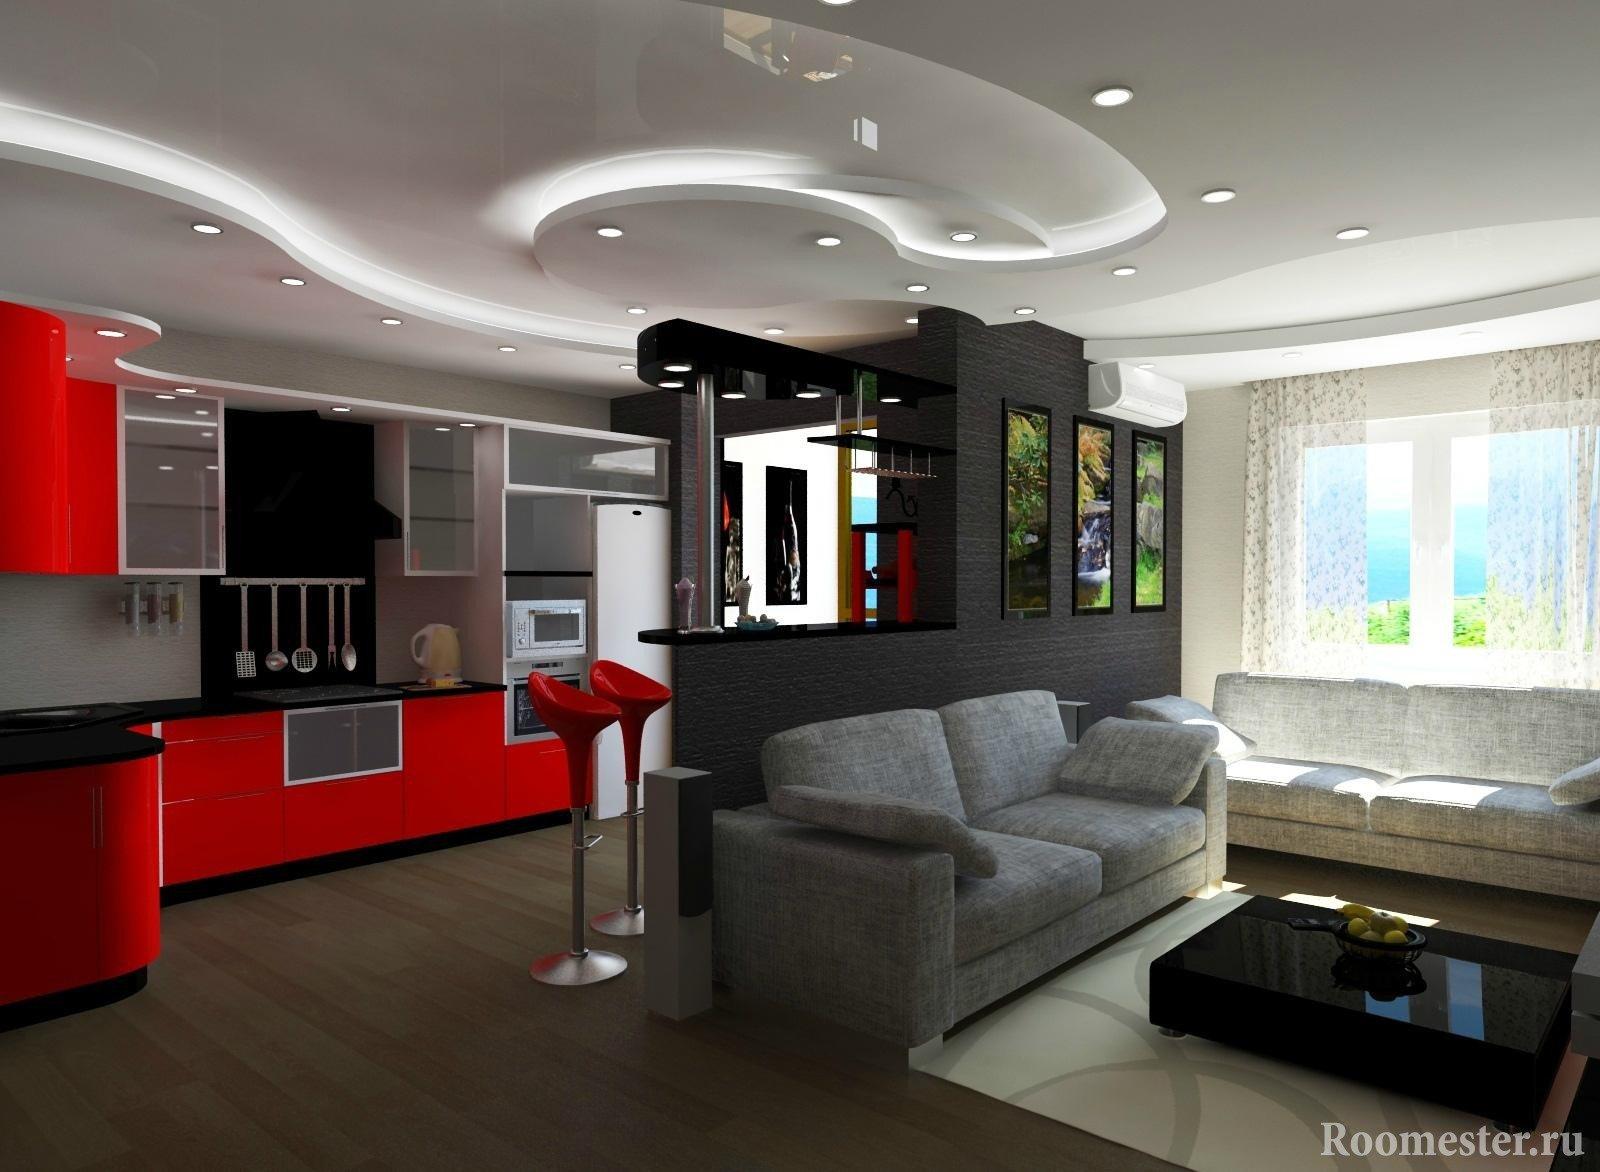 Дизайн-проект кухни и гостиной 20 кв.м.